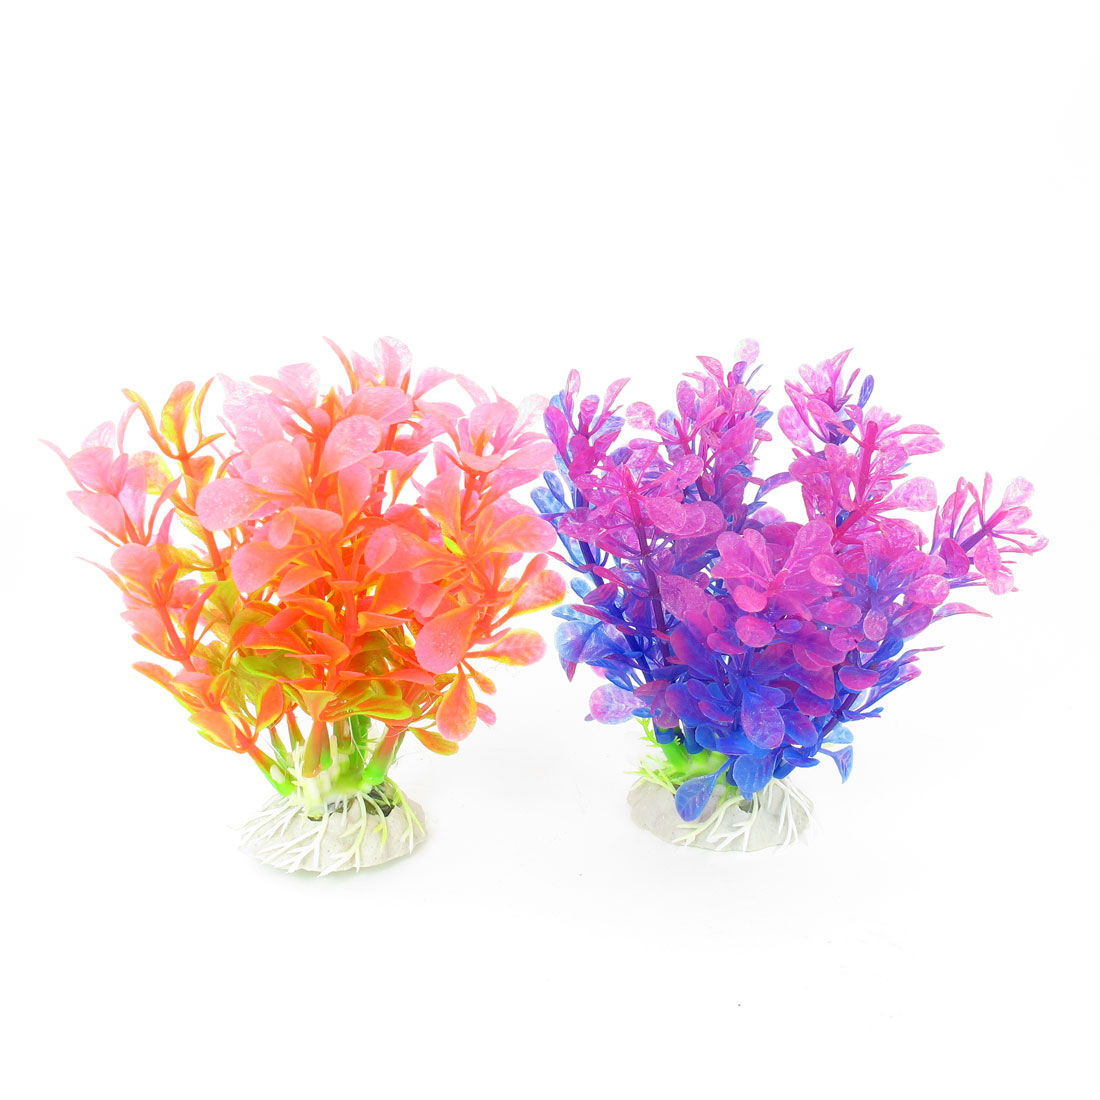 """2 Pcs Pink Violet Blue Emulational Fish Tank Aquarium Grasses Decor 4.3"""" High"""